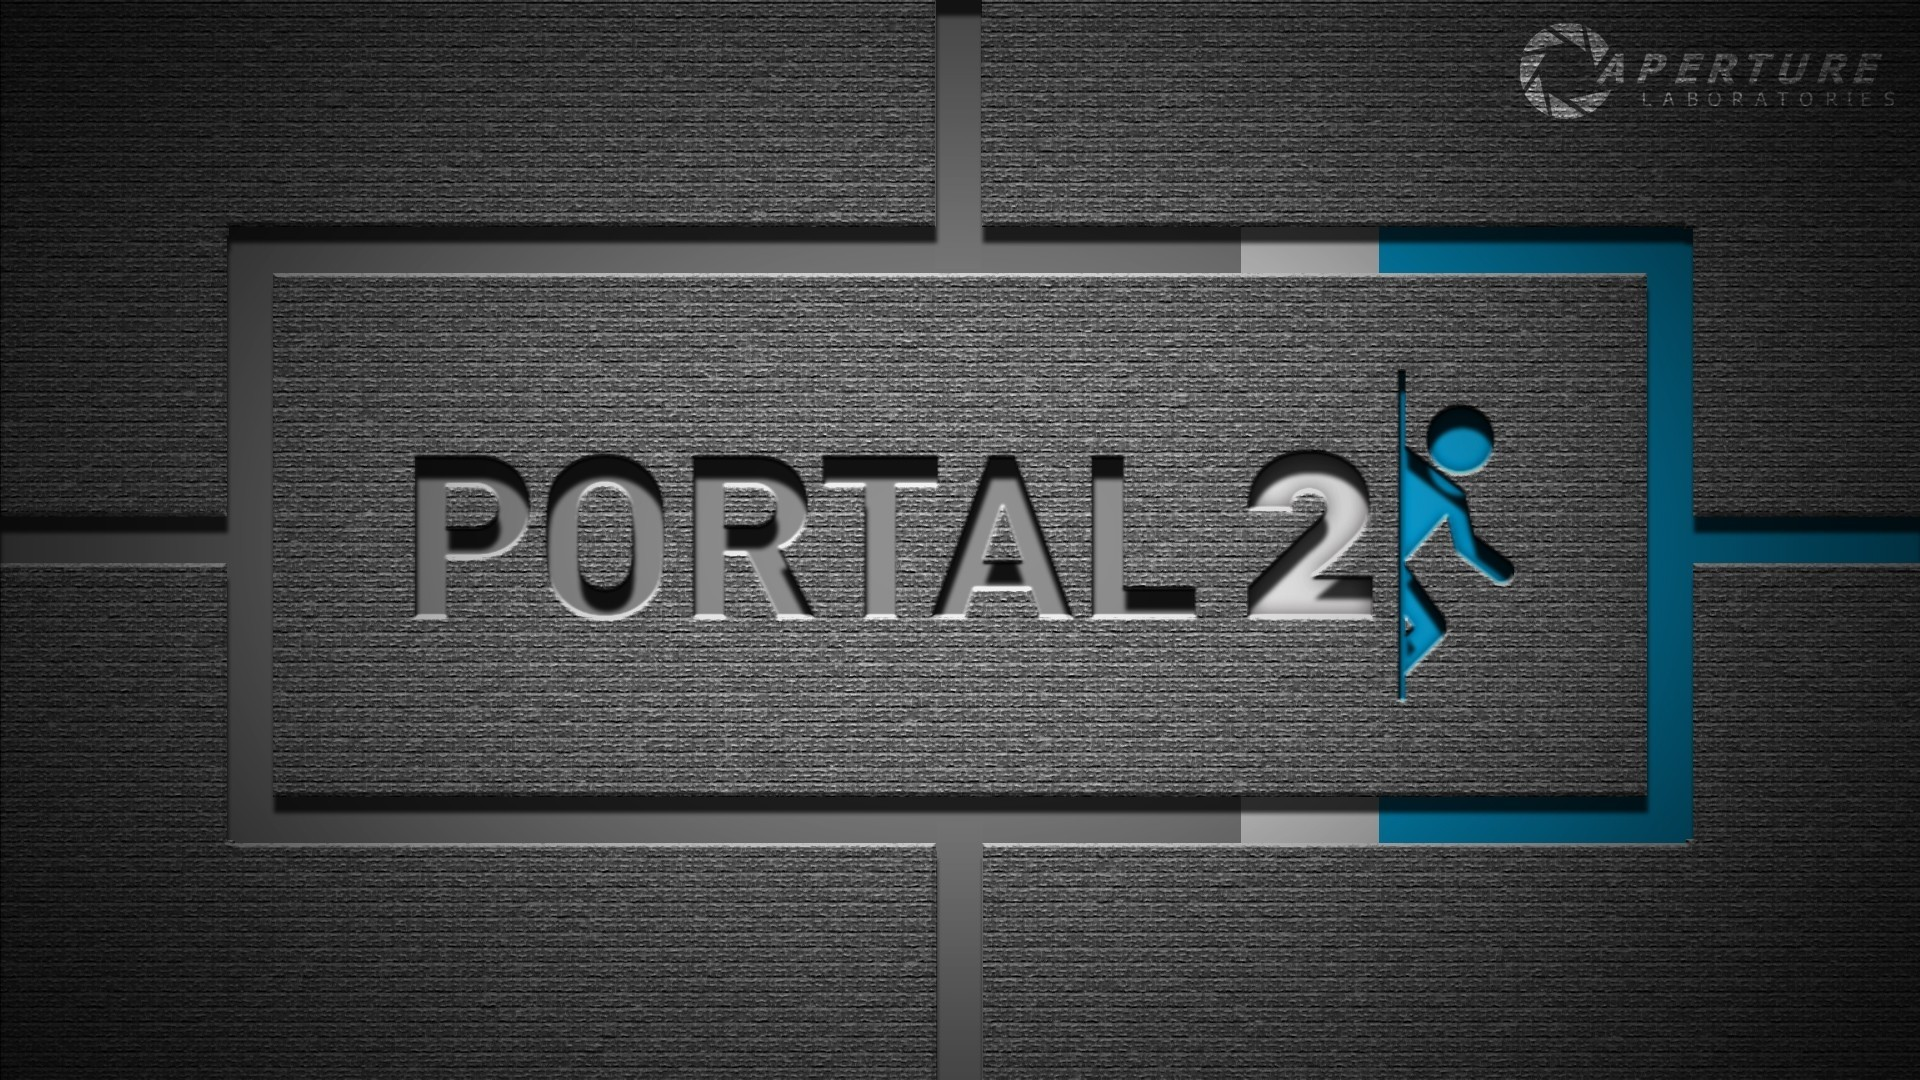 Portal 2 Full HD Wallpaper 1920×1080